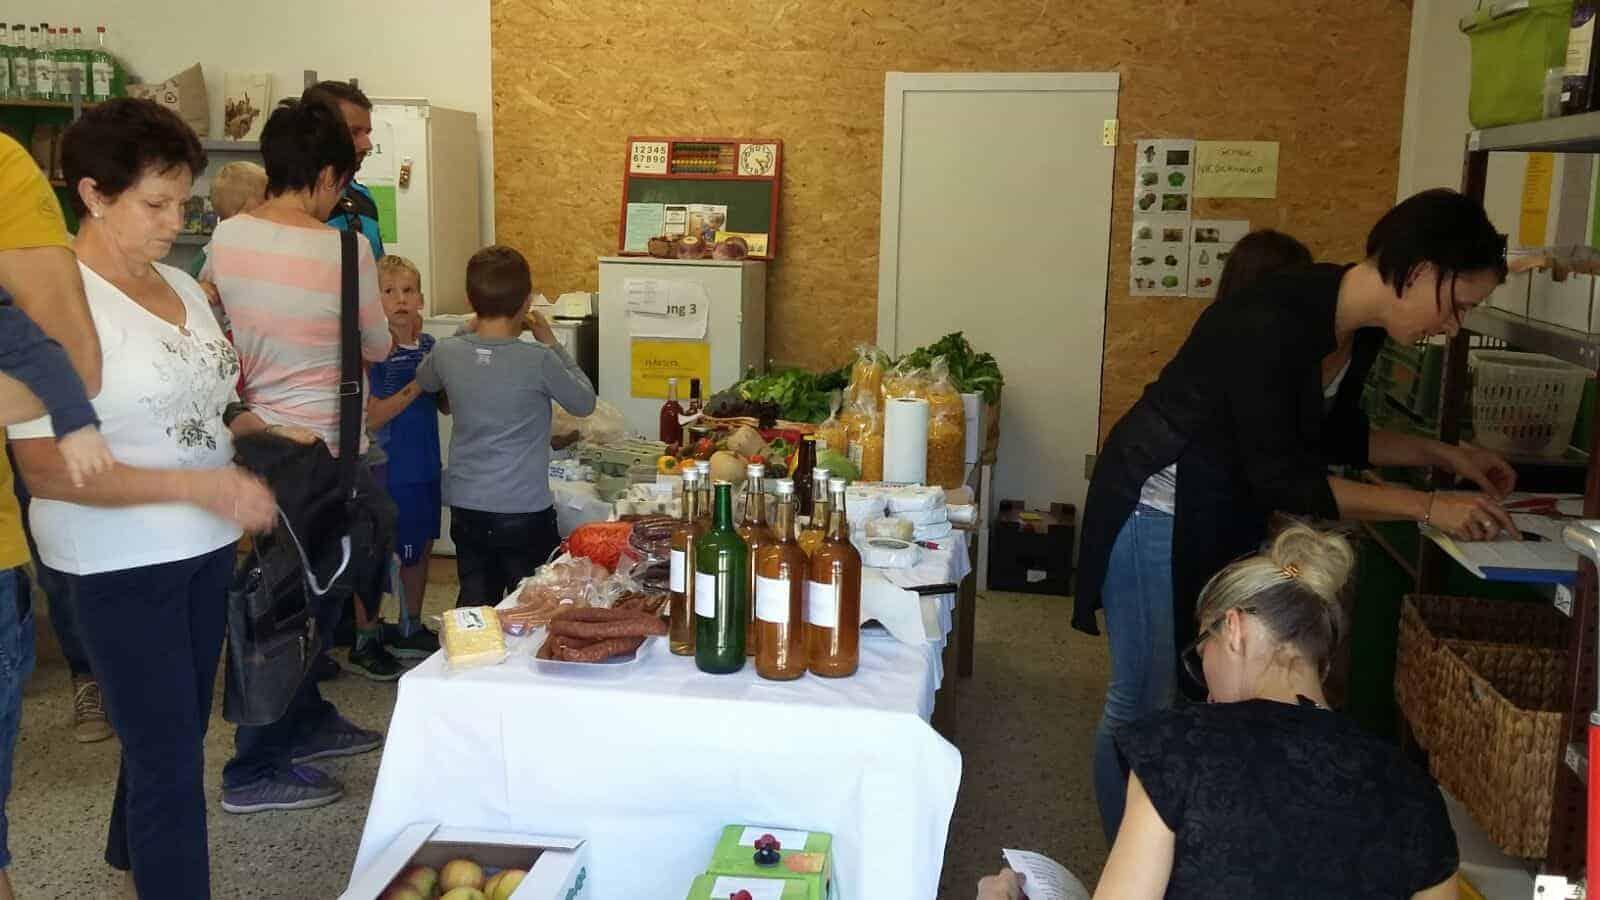 Bauernmarktl Vomperbach - Informier dich! 50